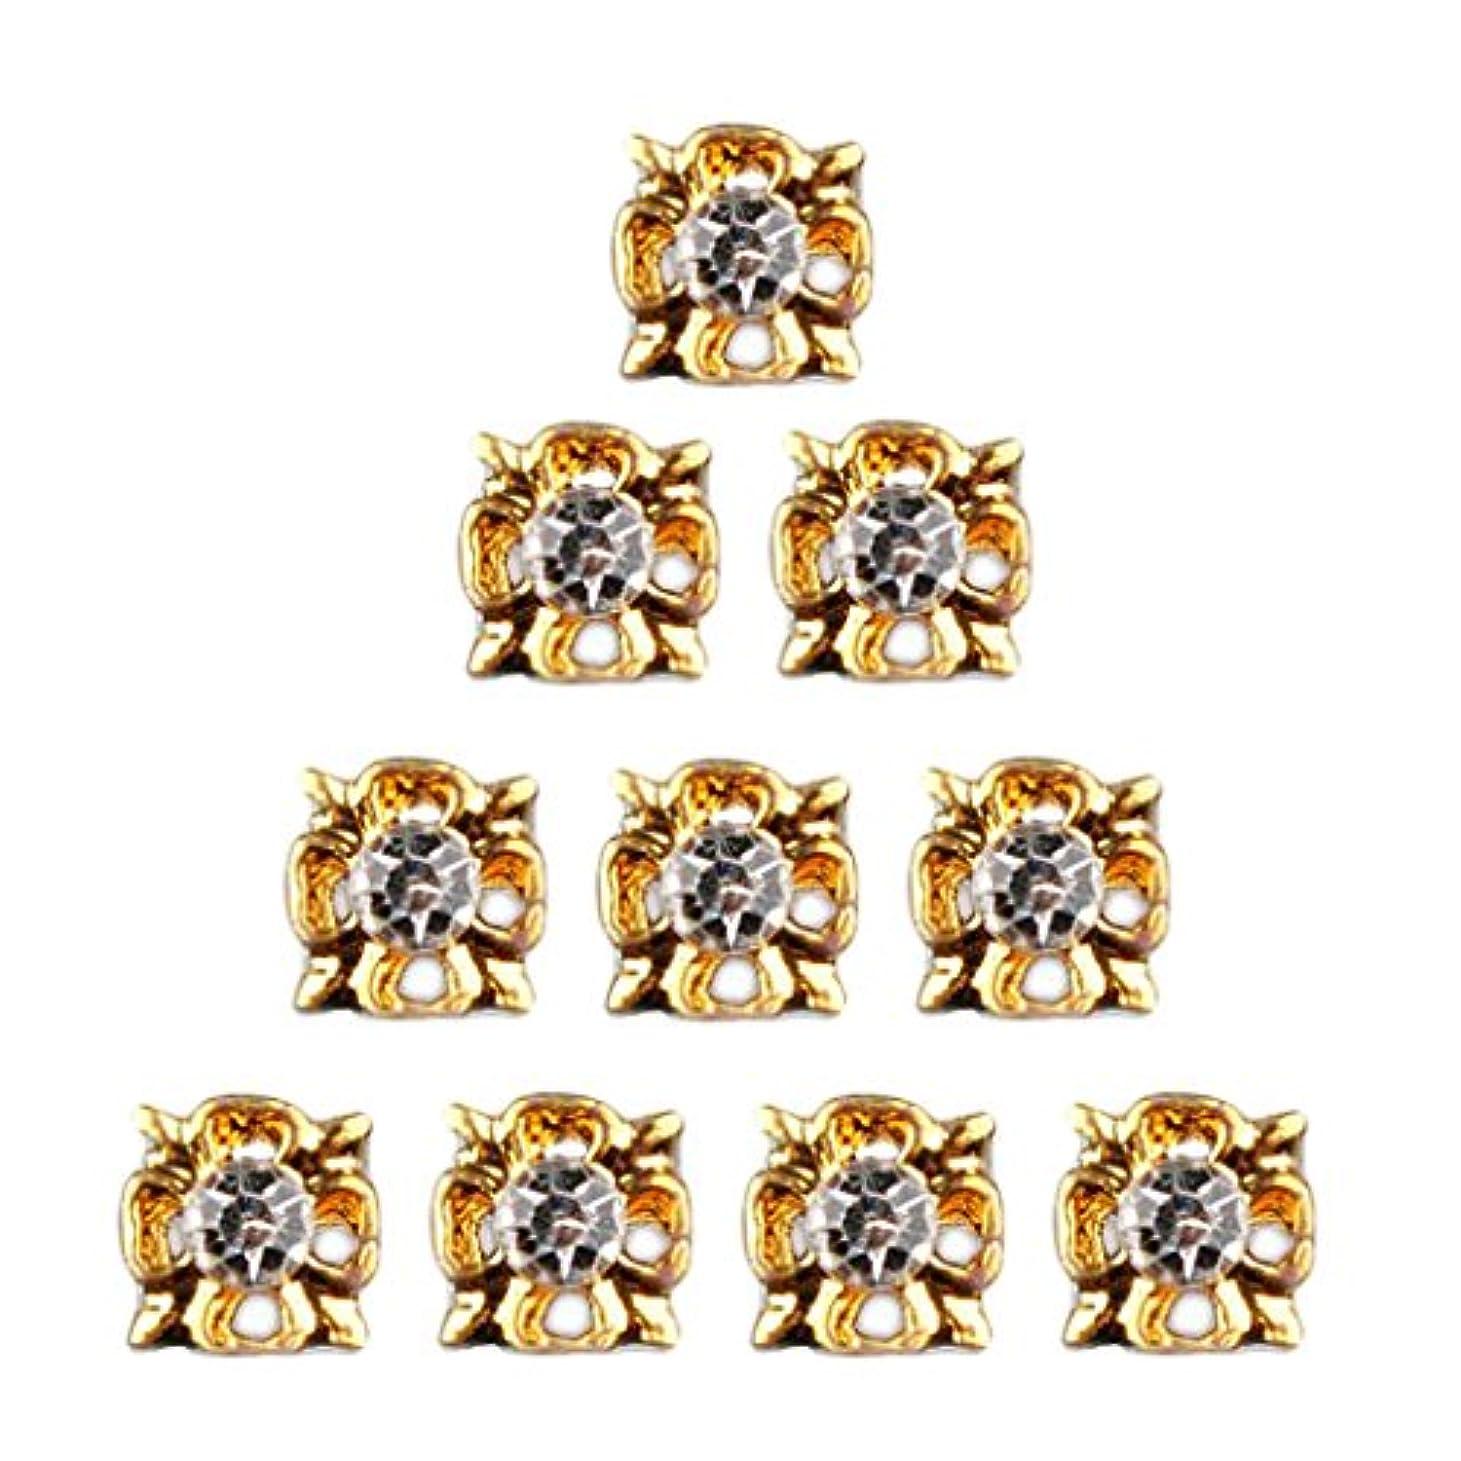 開業医飼料条件付きネイルアート ダイヤモンド ネイルデザイン 3D ヒントステッカー ネイルデコレーション 全8種類 - 4